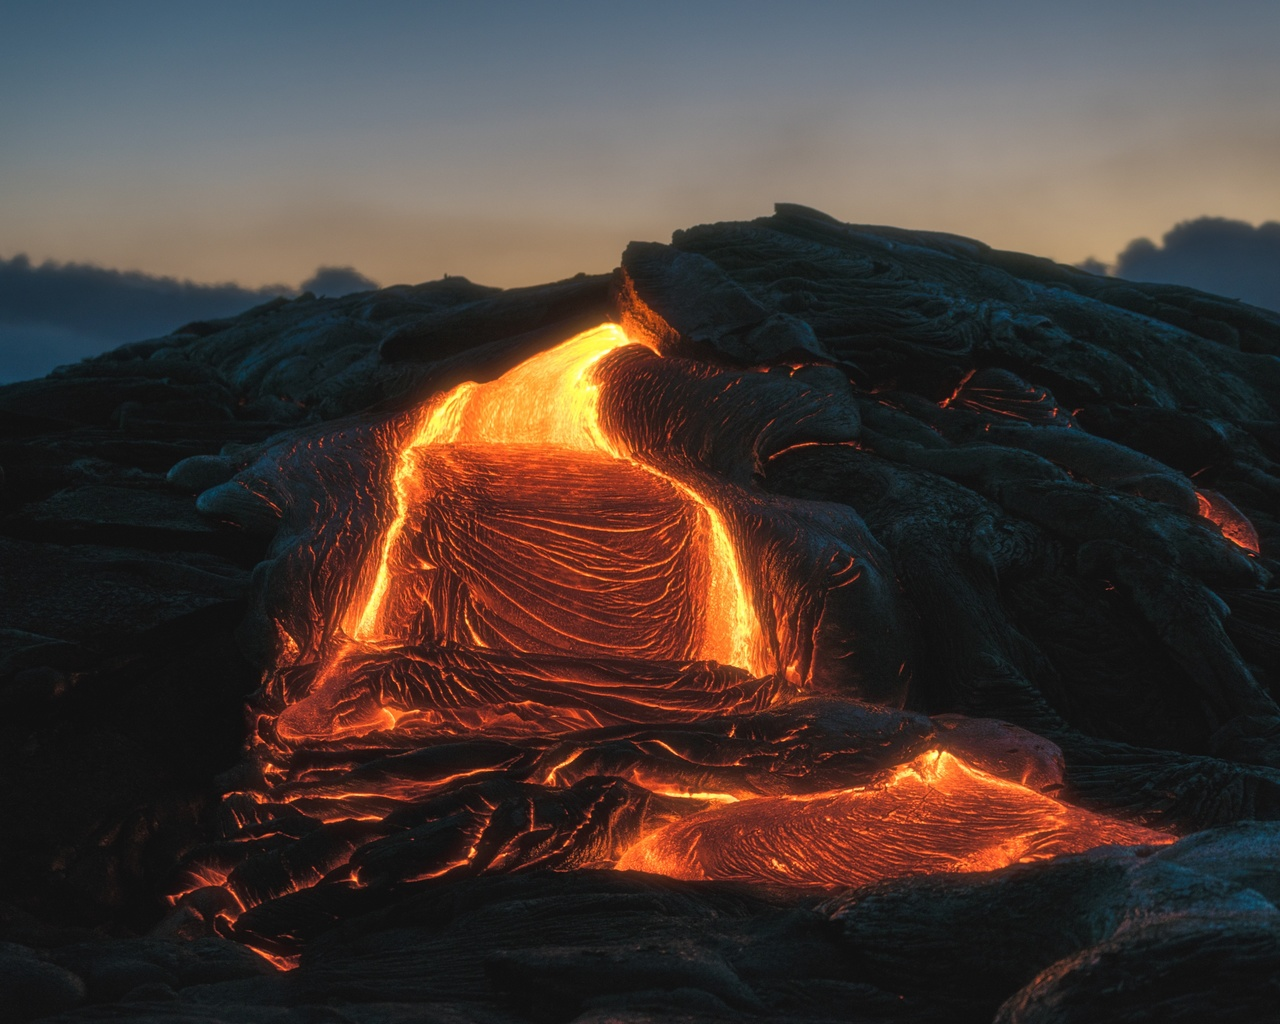 природа, вулкан, лава, огненный